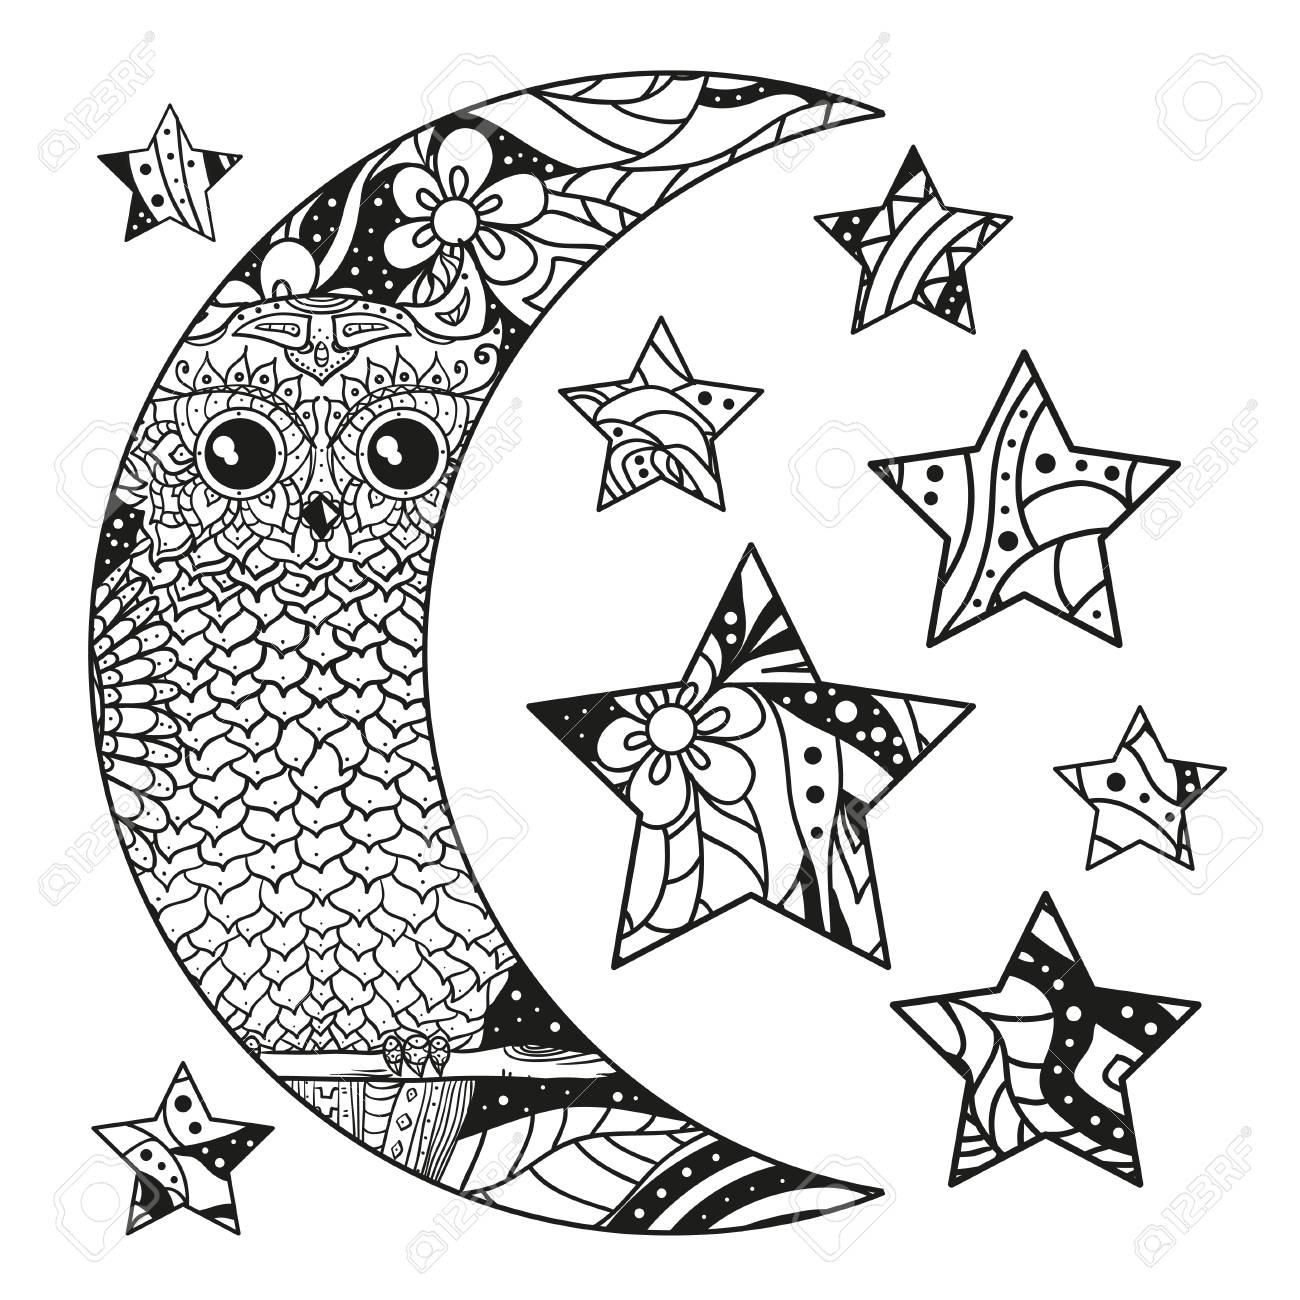 Coloriage Adulte A Imprimer Abstrait.Hibou Lune Et Etoile Avec Des Motifs Abstraits Sur Fond D Isolement Hibou Oiseau Concevoir Pour La Relaxation Spirituelle Pour Les Adultes